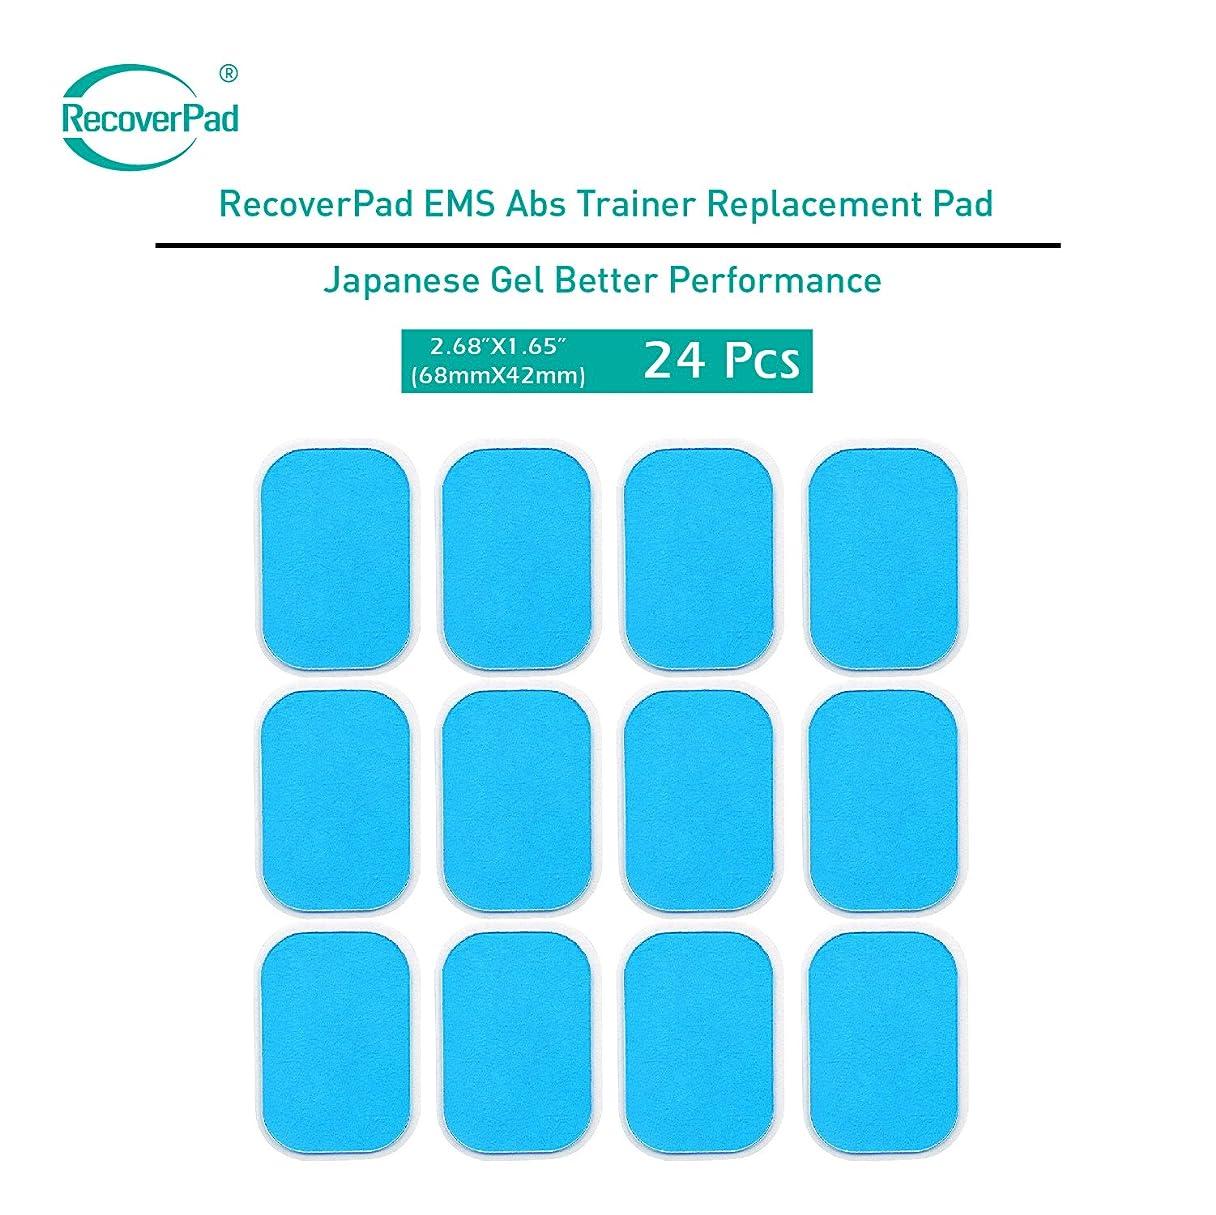 ロビー頼る出くわすRecoverPad 24 Pads of EMS Abs Trainer Replacement Japanese Made Gel Sheet for Muscle Abdominal Ab Trainer Stimulator Gel Pads Accessories